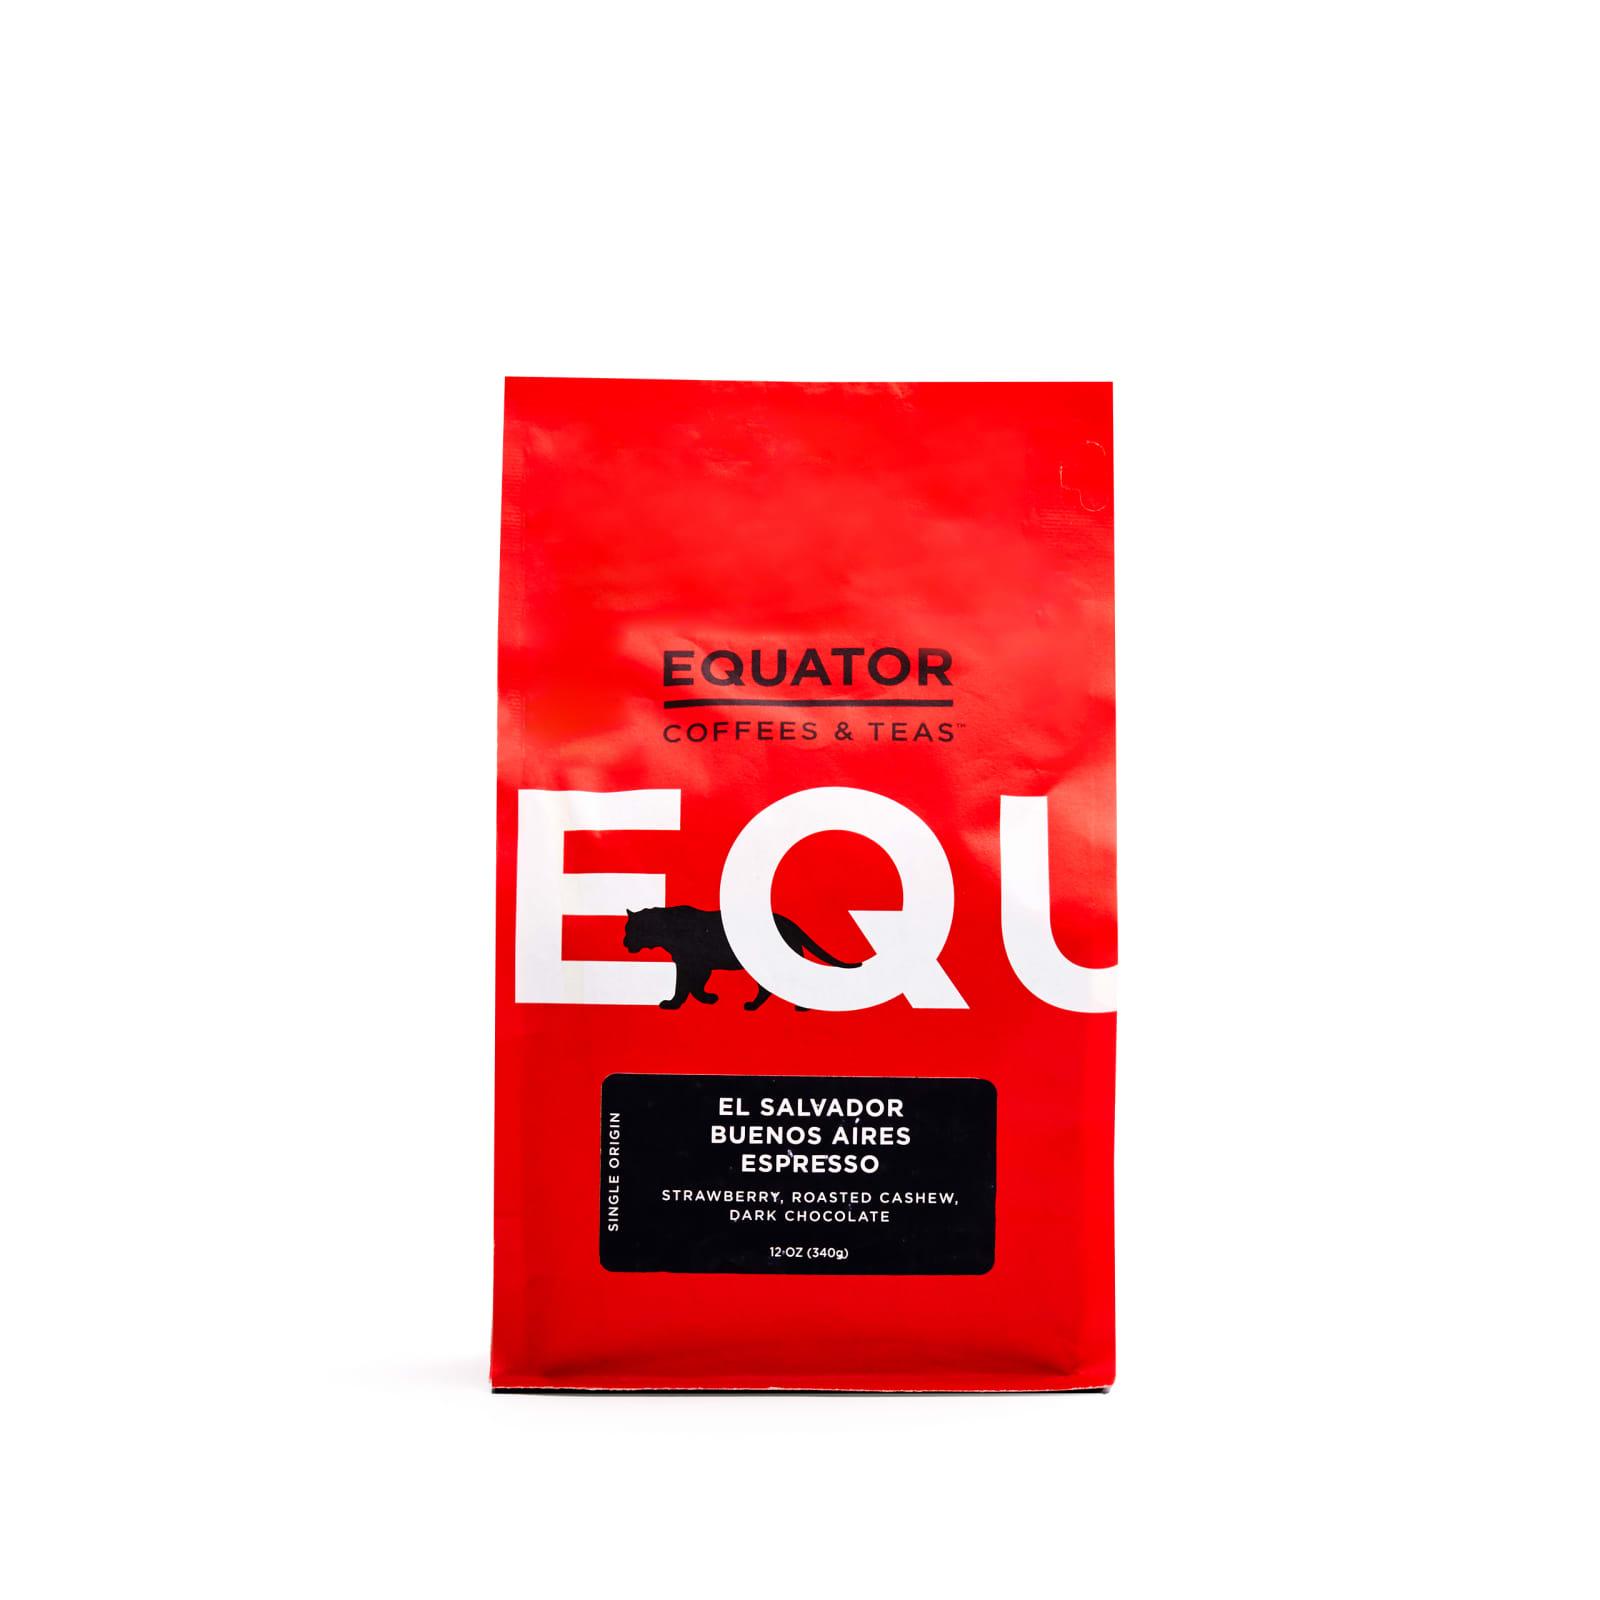 El Salvador Buenos Aires Single-Origin Espresso